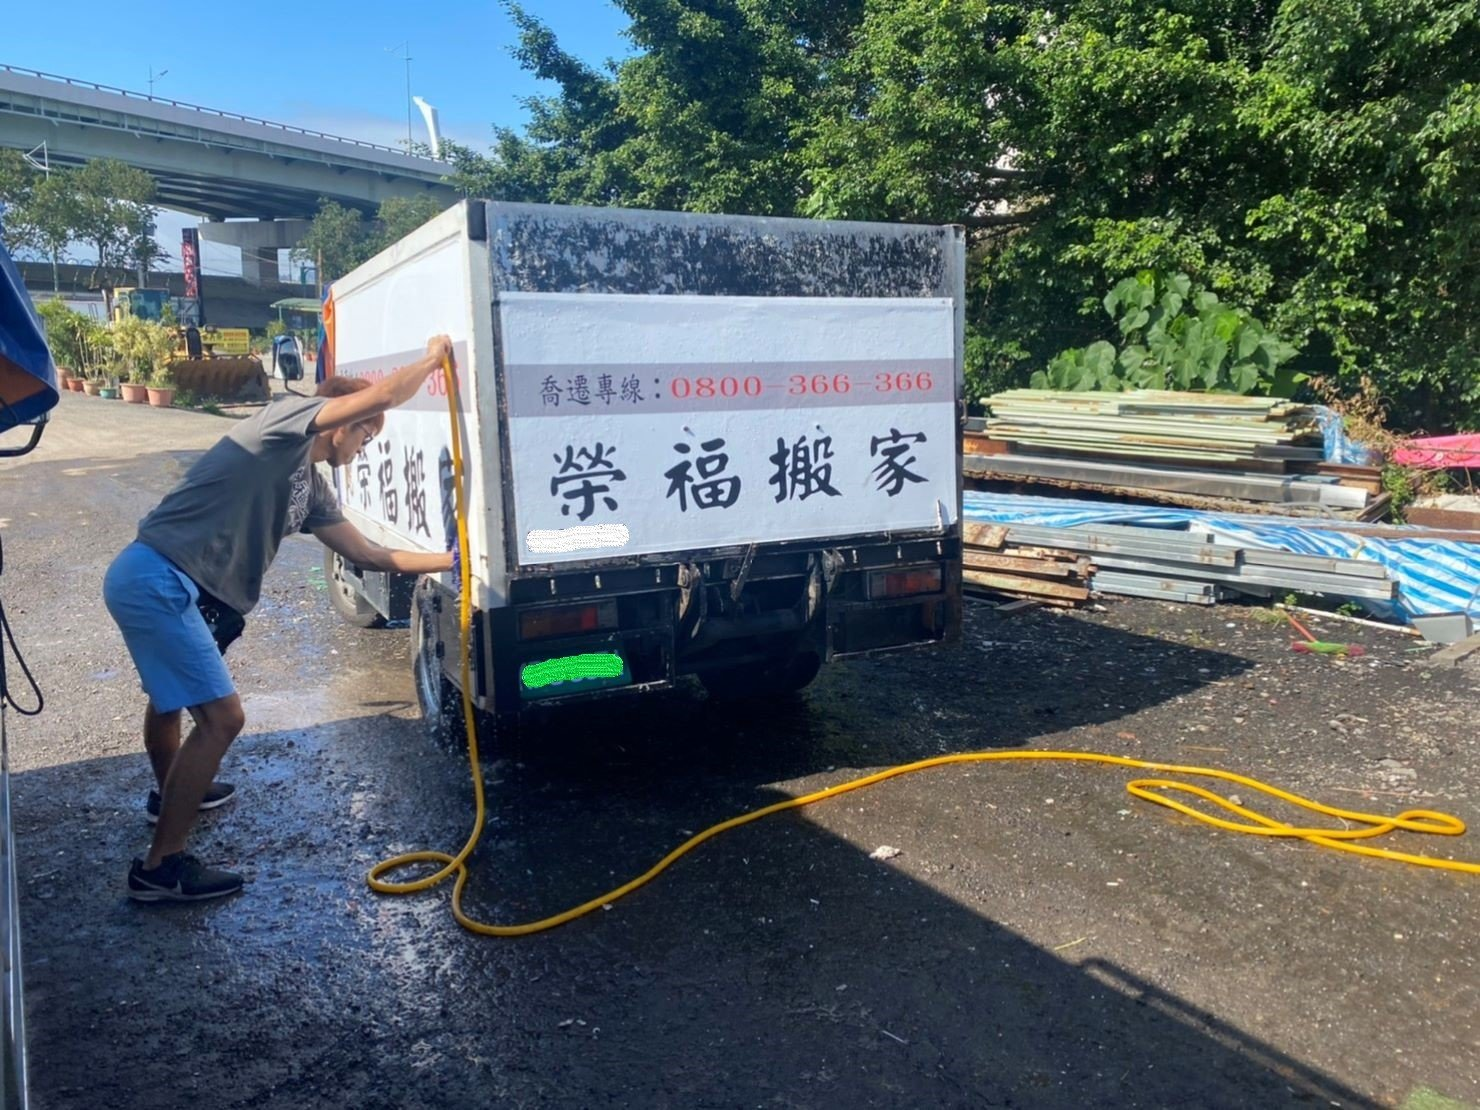 搬家推薦【榮福搬家】搬家口碑第一、台北搬家、新北搬家:榮福搬家搬家貨車都會保持乾淨整潔,給予每位顧客舒適的搬家旅程。